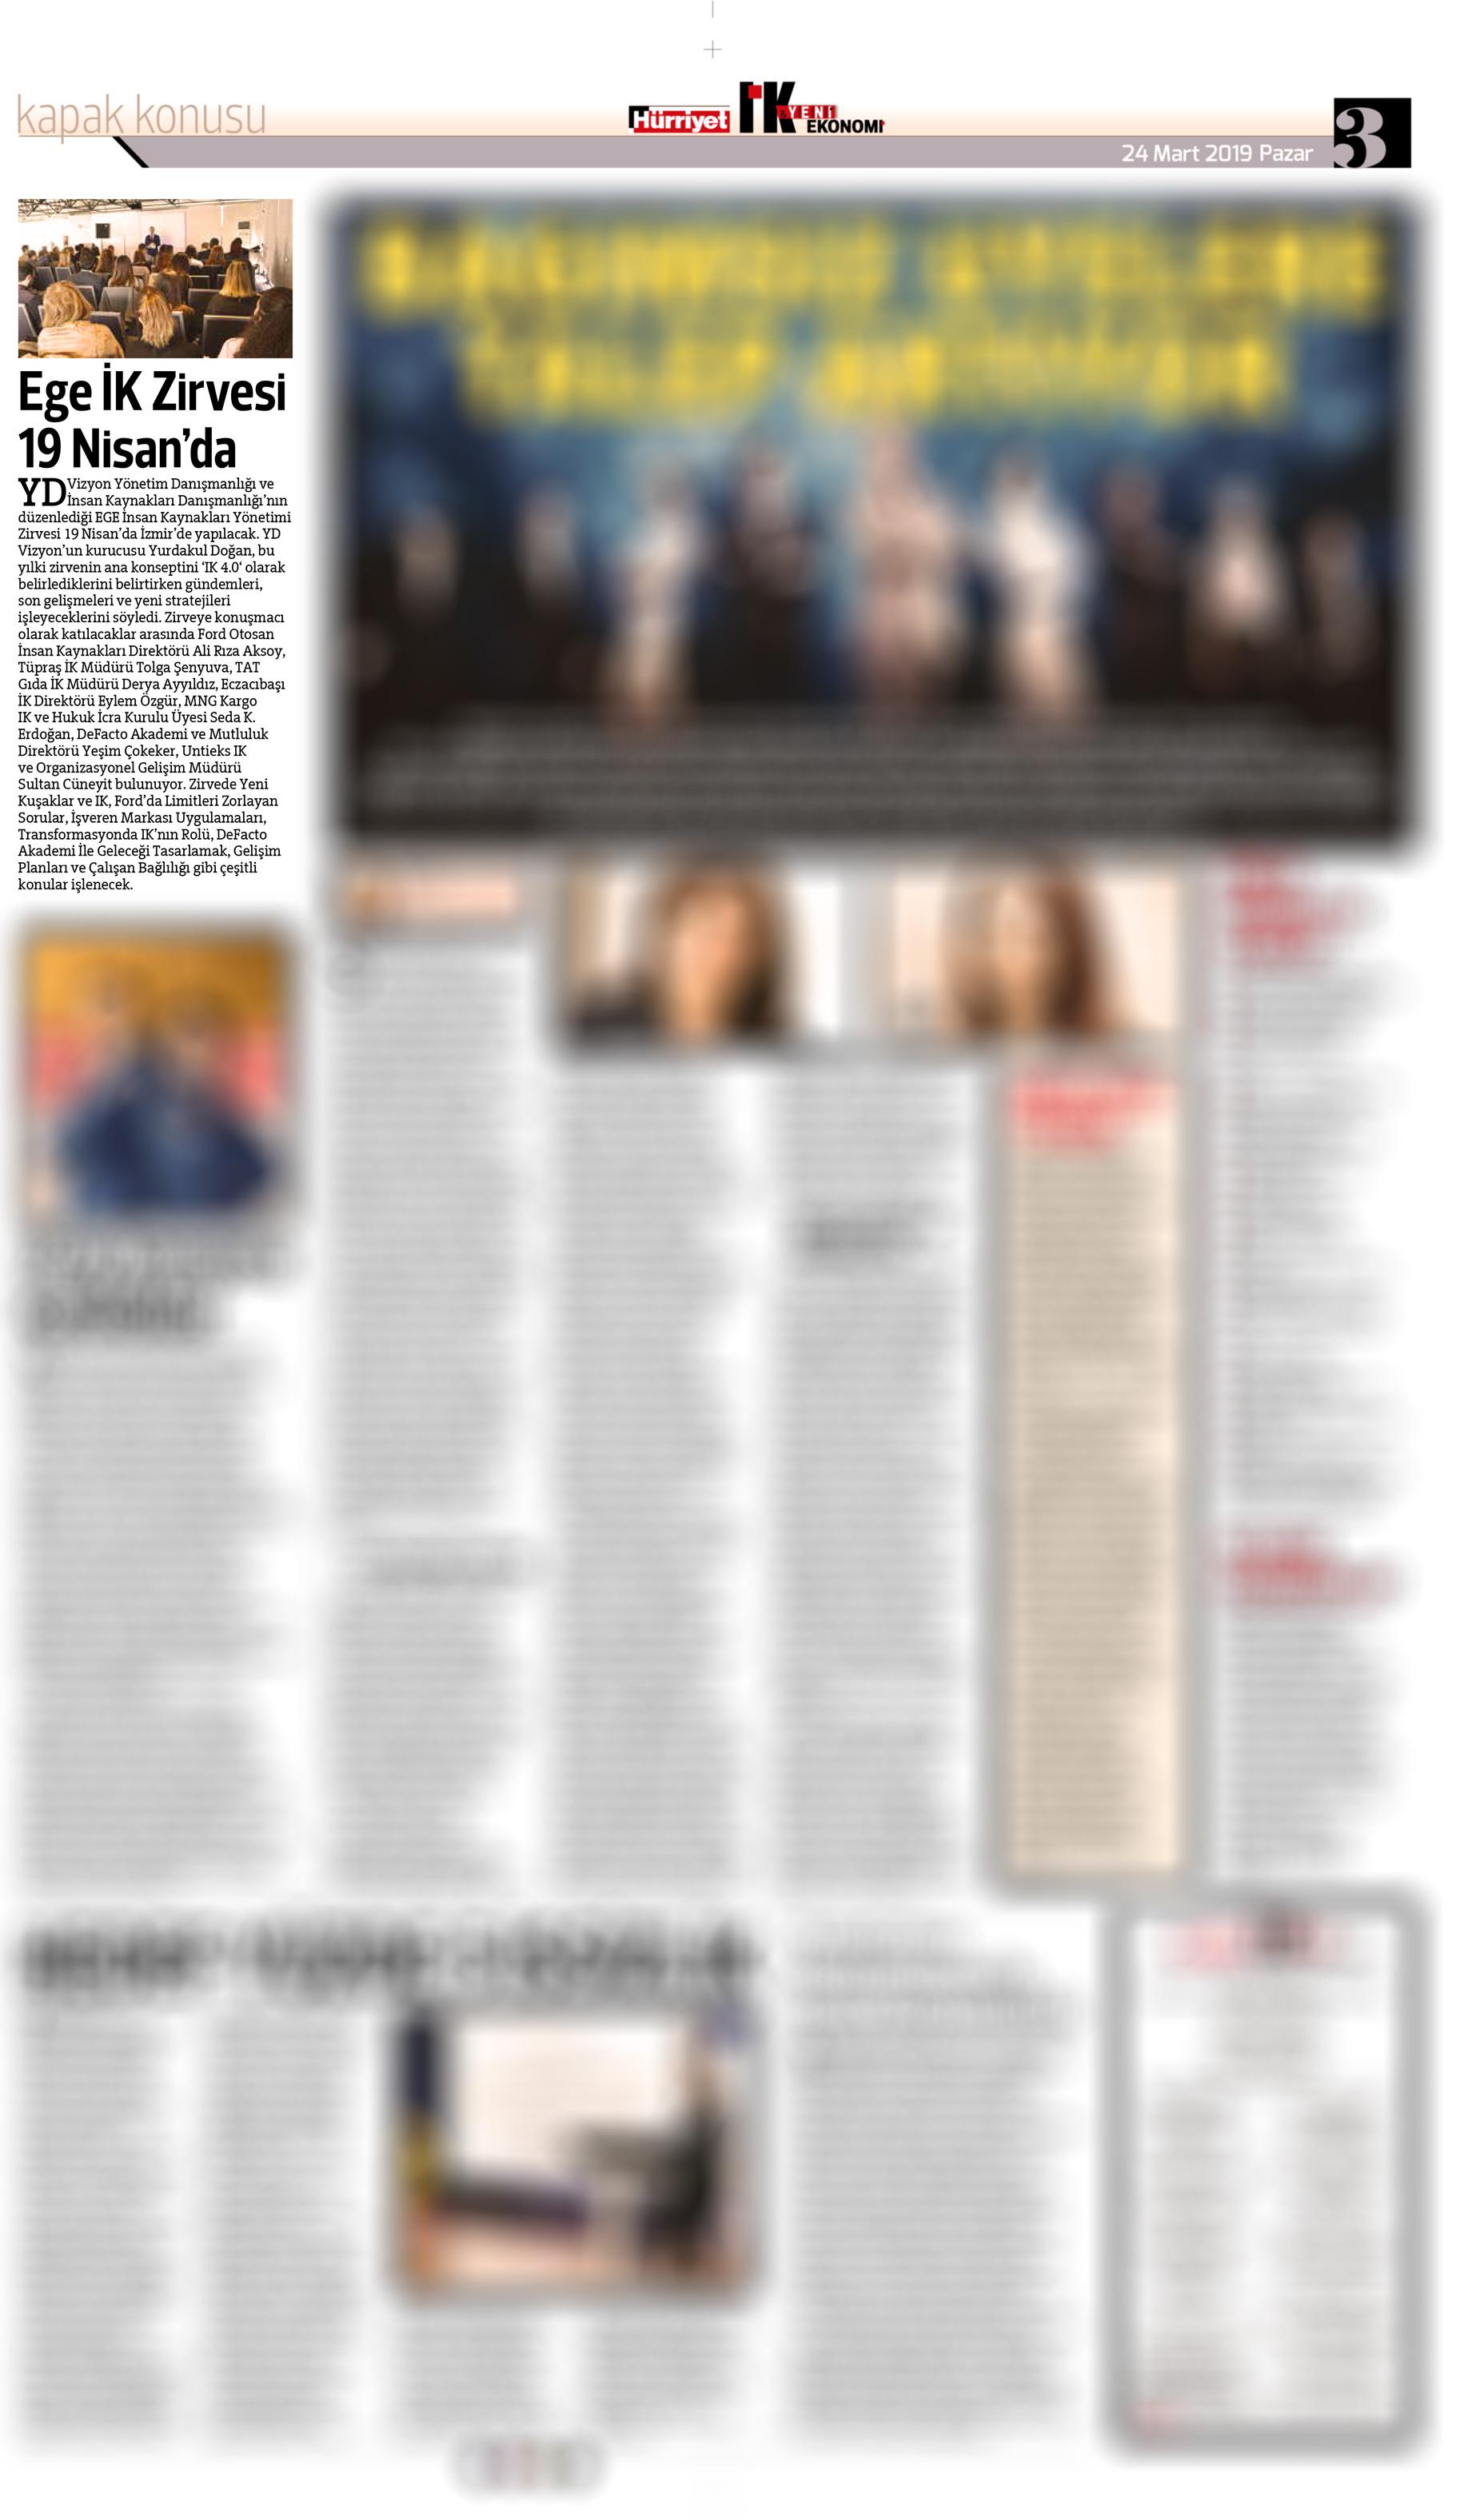 Hürriyet IK - Haber - 24.03.2019